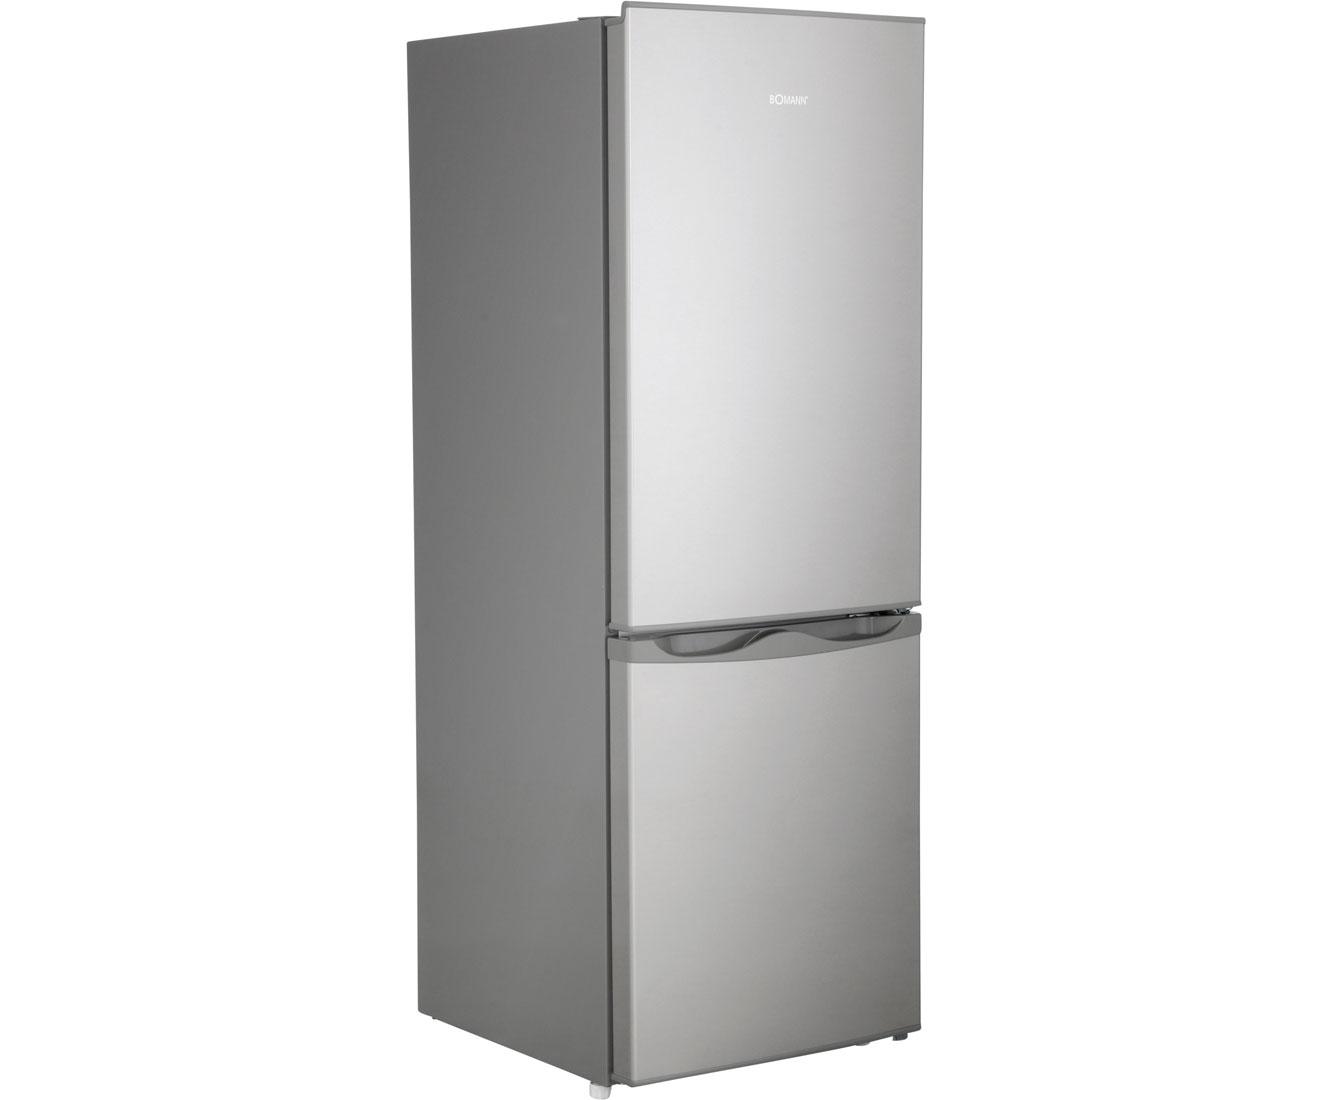 Bomann Kühlschrank Dtr 351 : Bomann kühlschrank gefrierkombi klein kühl gefrierkombi von